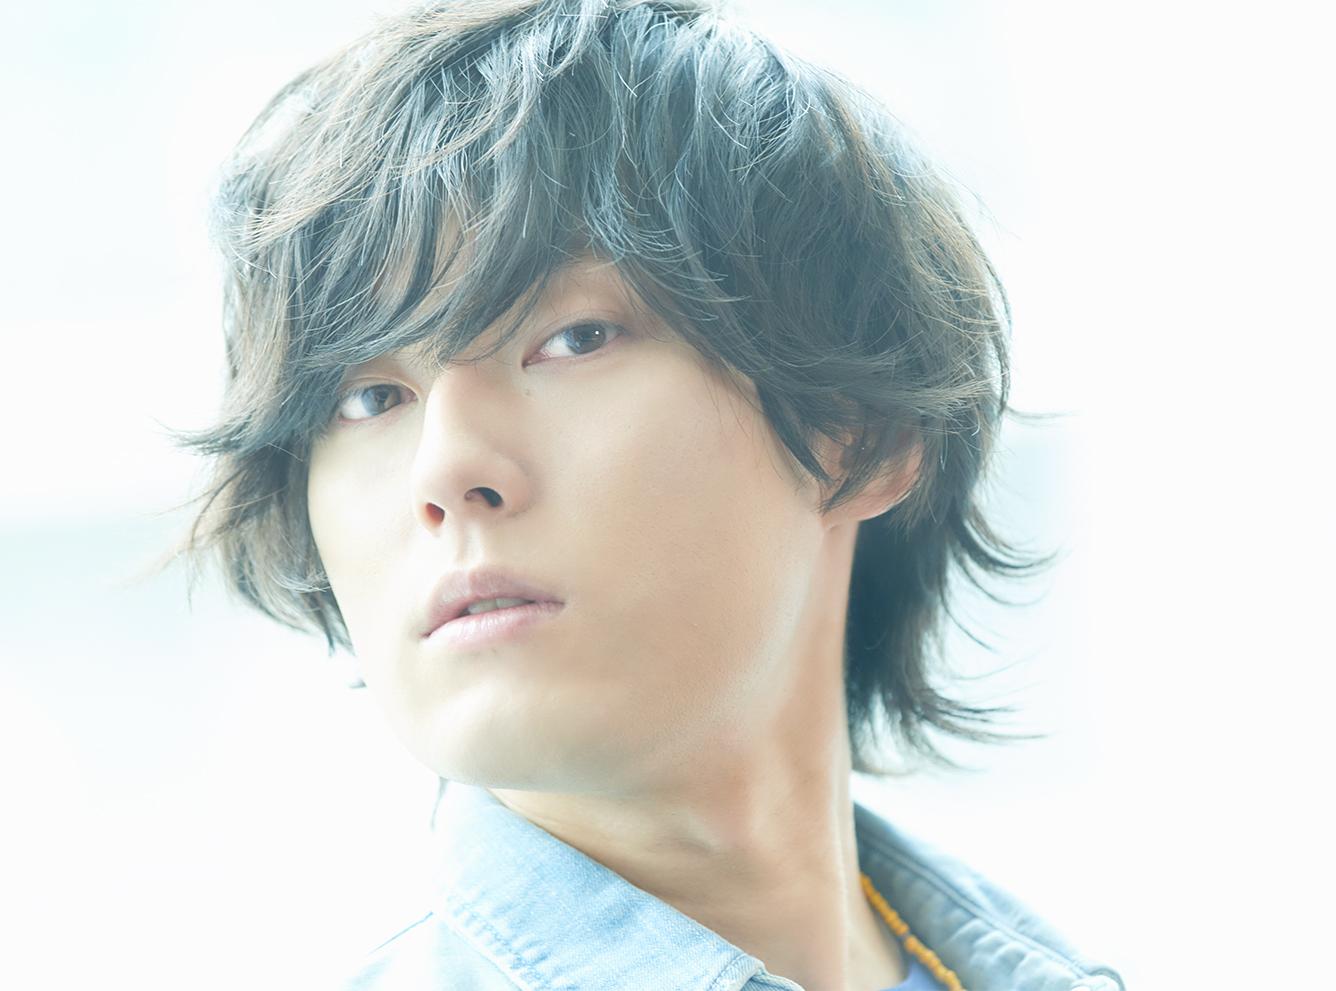 増田俊樹がふたたび舞台に立つ理由。「ほかの声優にはない、自分の強みを見つけたい」